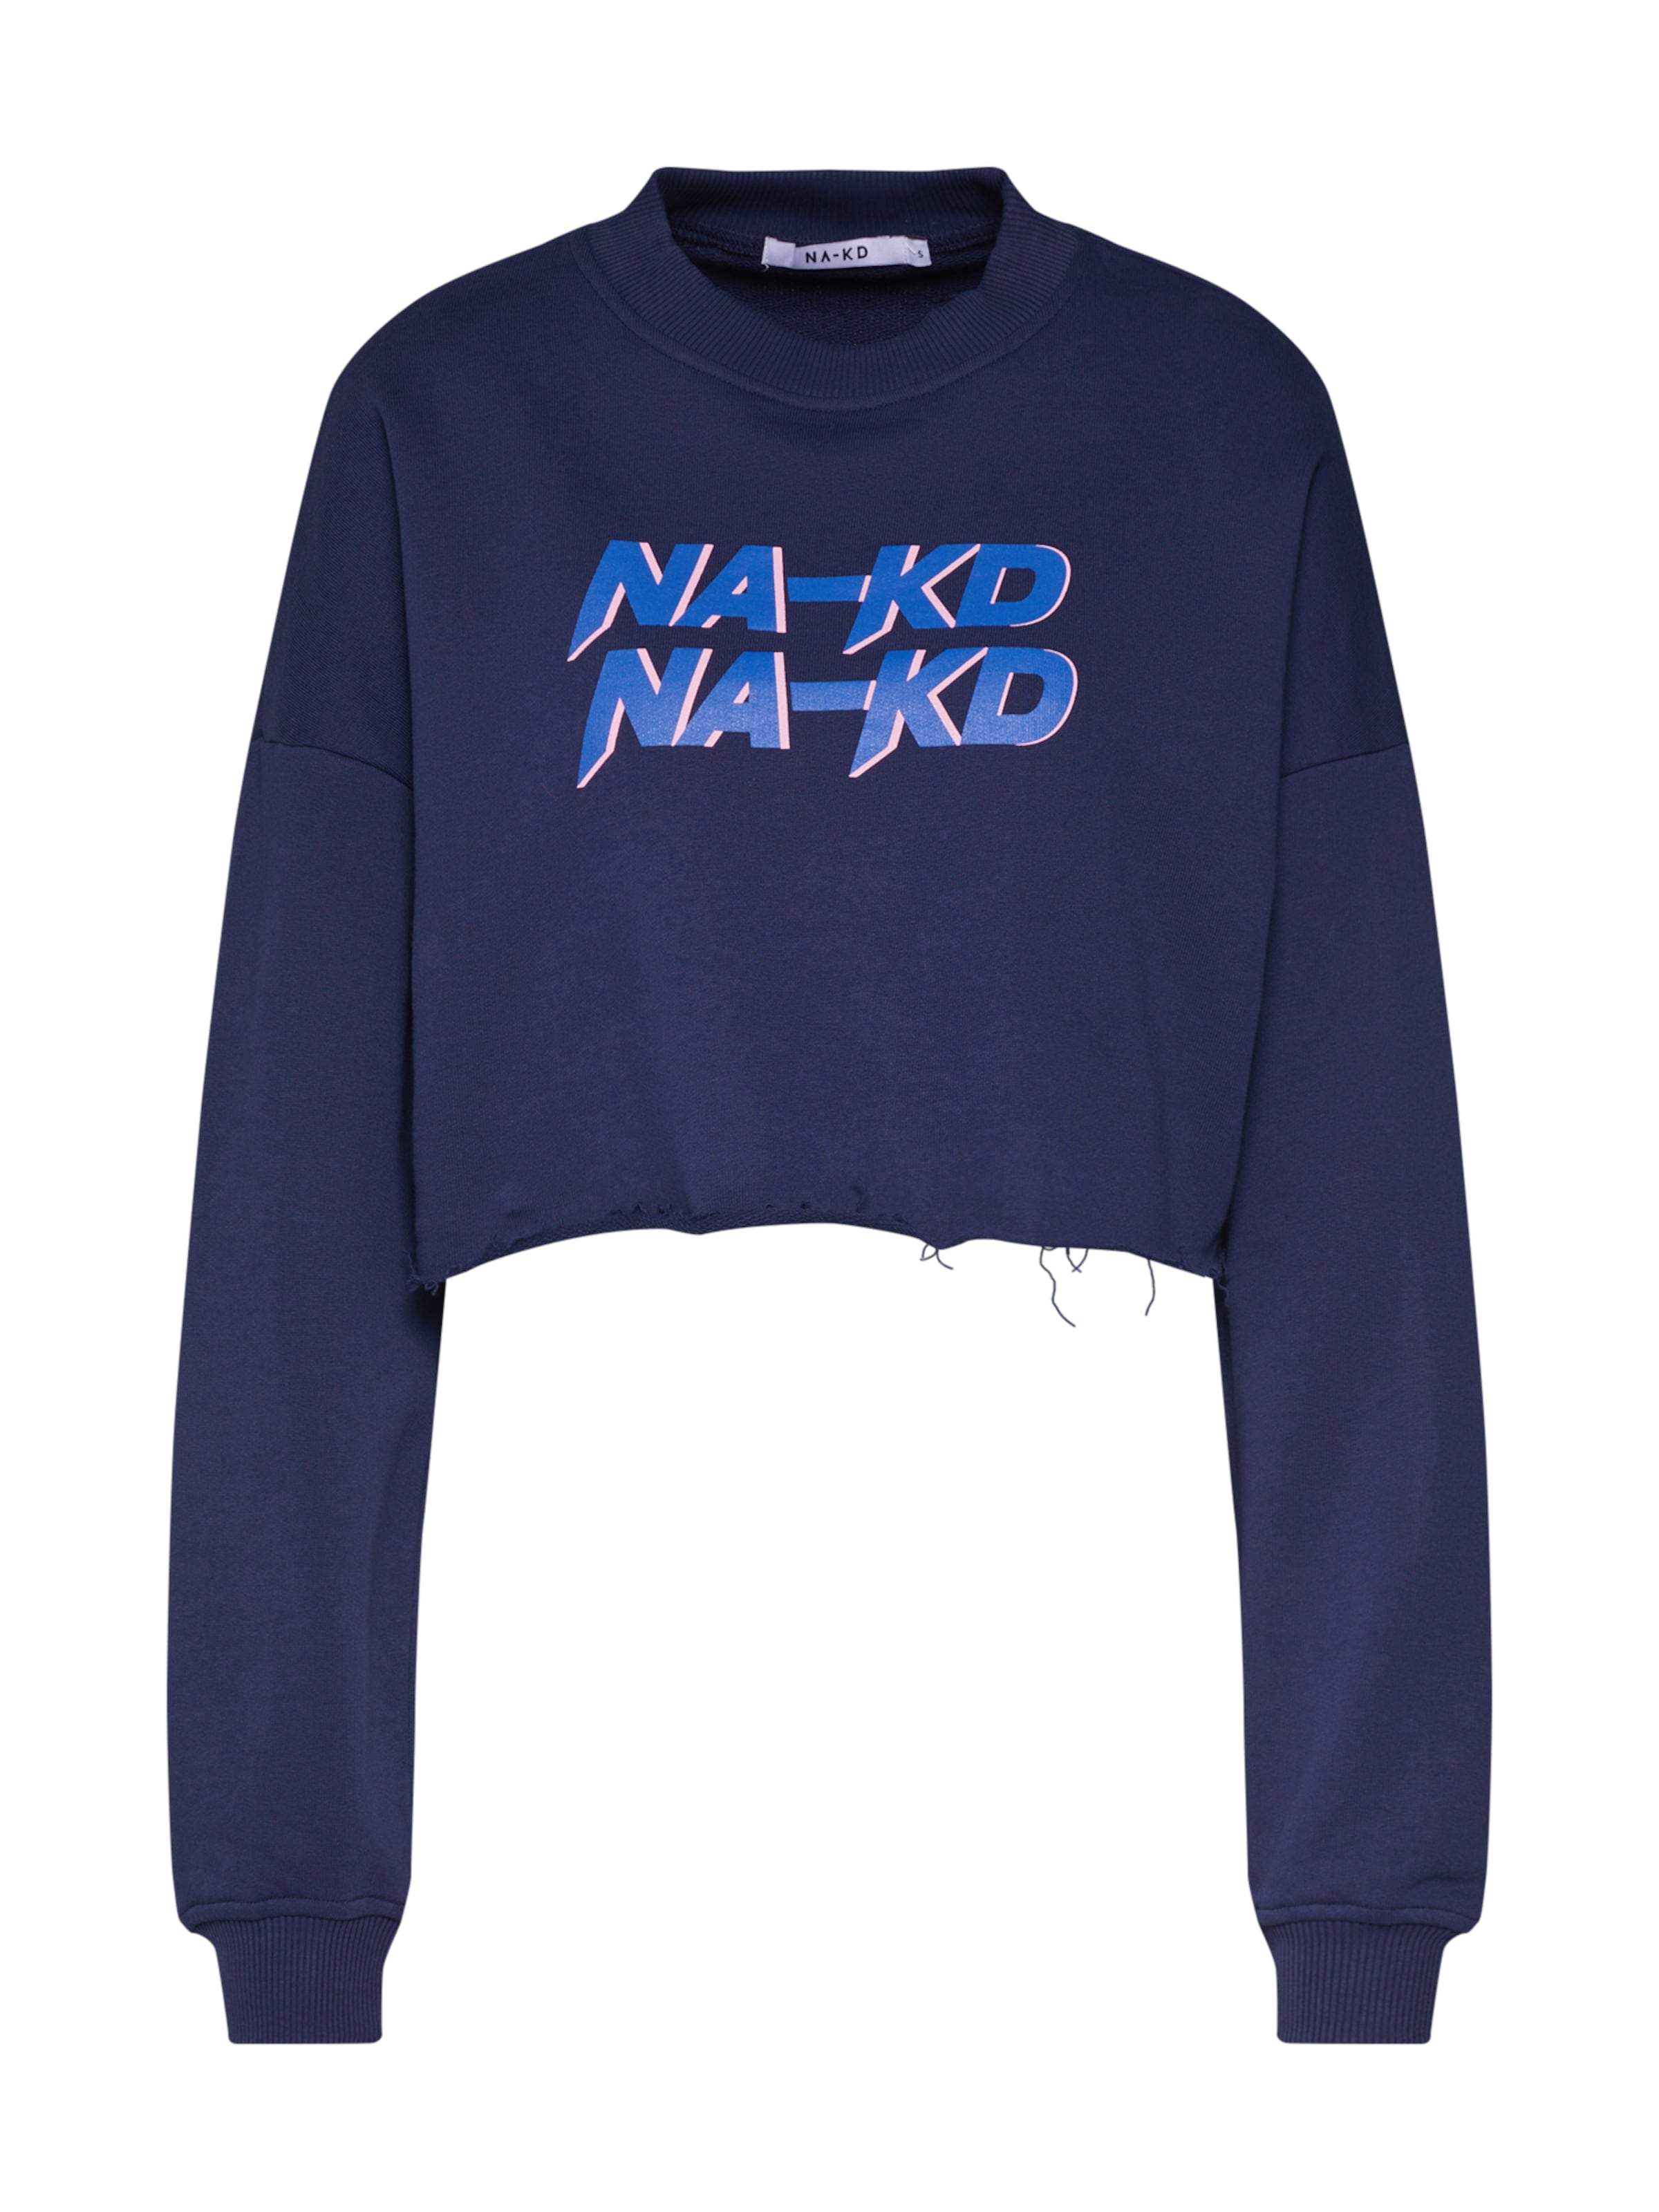 Sweat' Sweatshirt Blau In kd 'short Na Ivf6gmbY7y